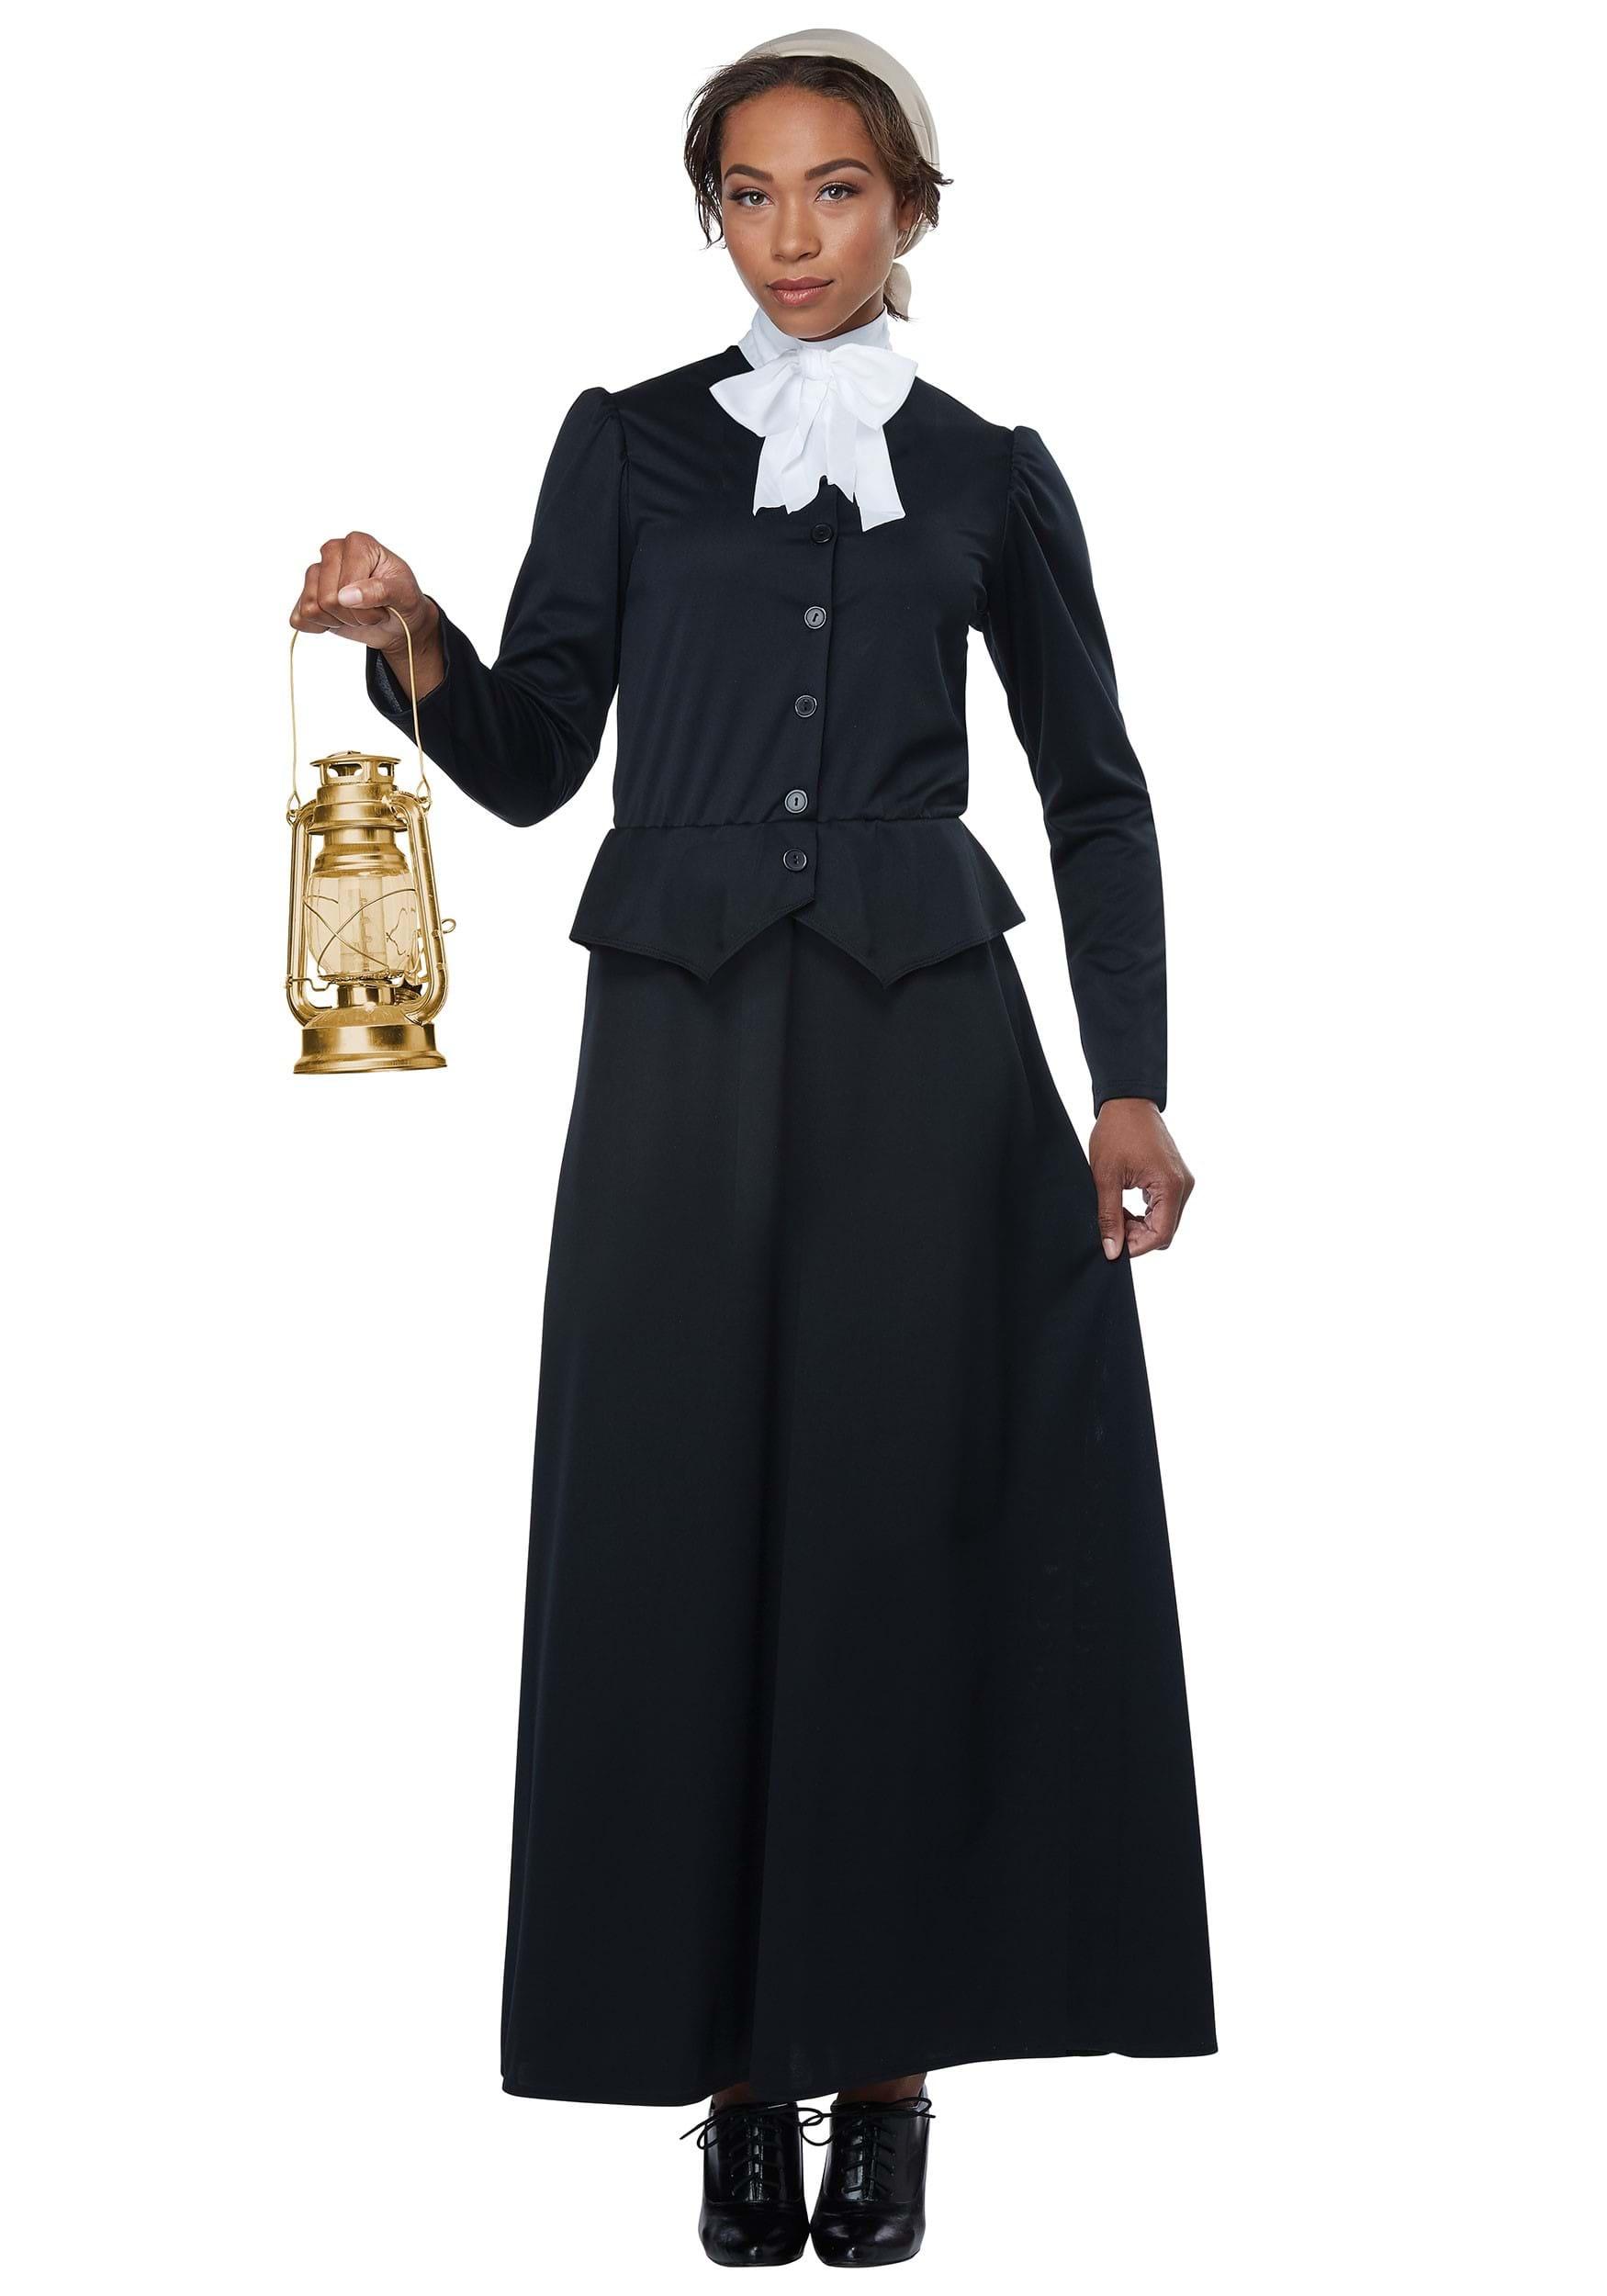 b1abb6f8bc Women's Harriet Tubman/ Susan B. Anthony Costume Update Main